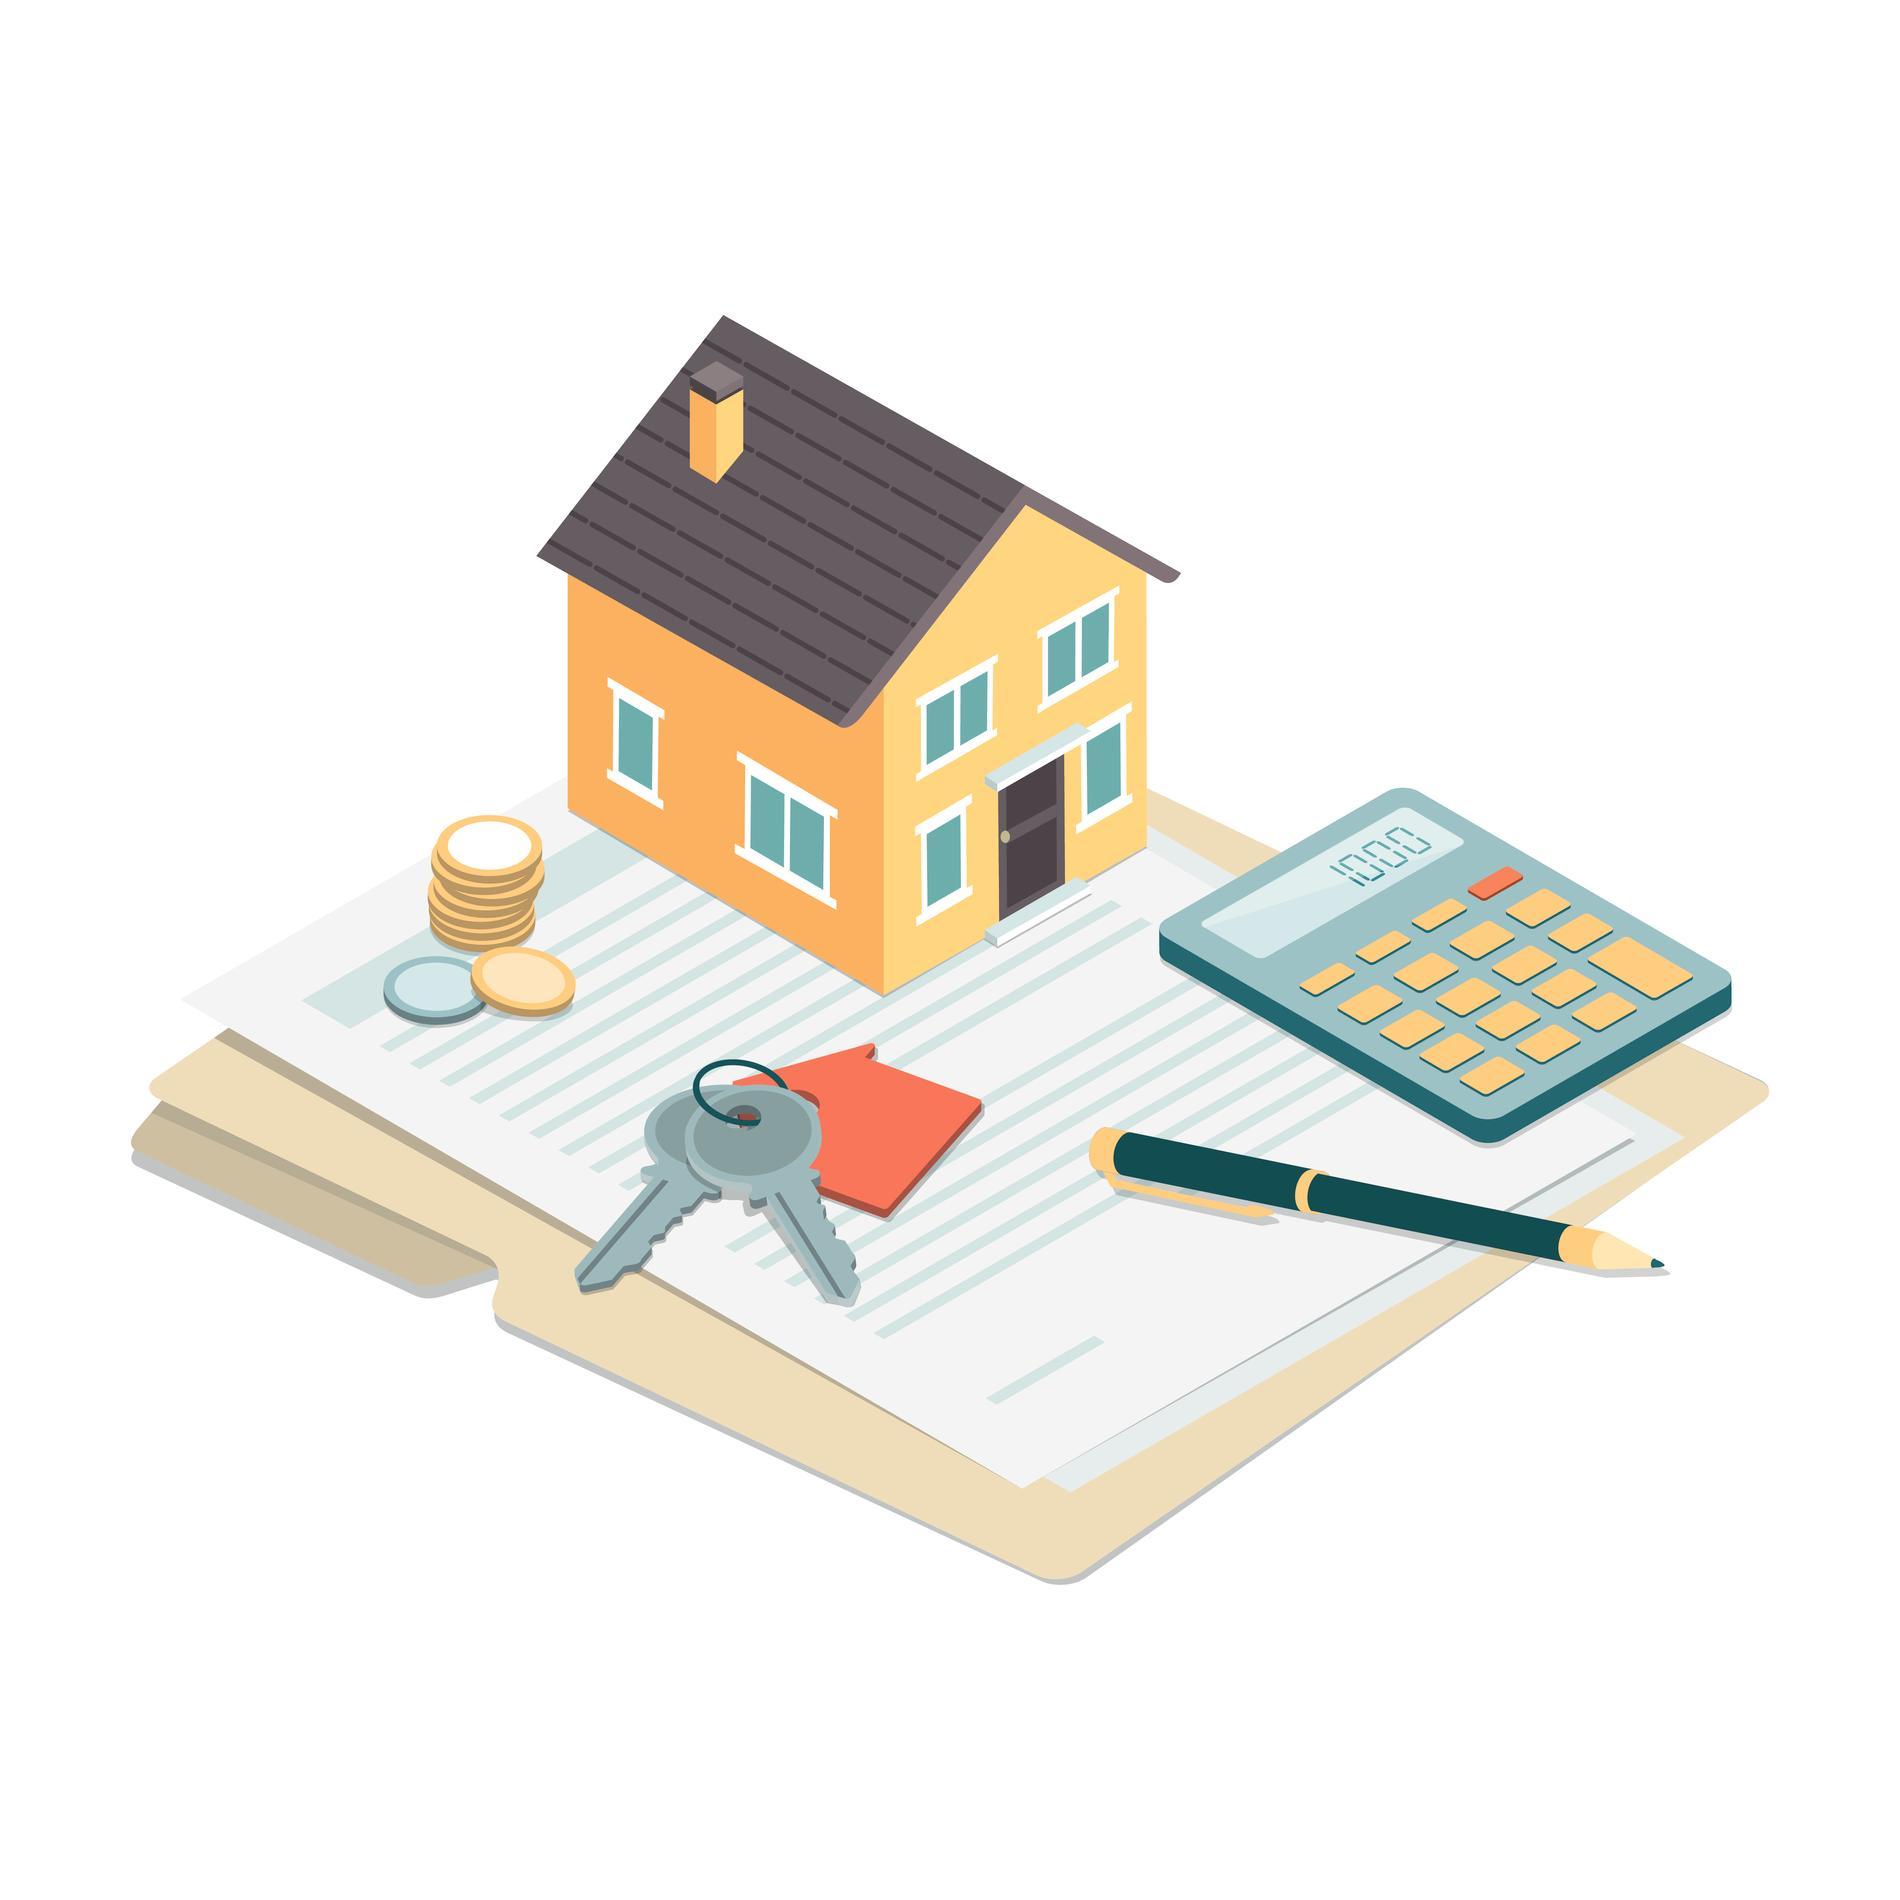 Har du koll på listränta, snittränta och ränteskillnadsersättning?